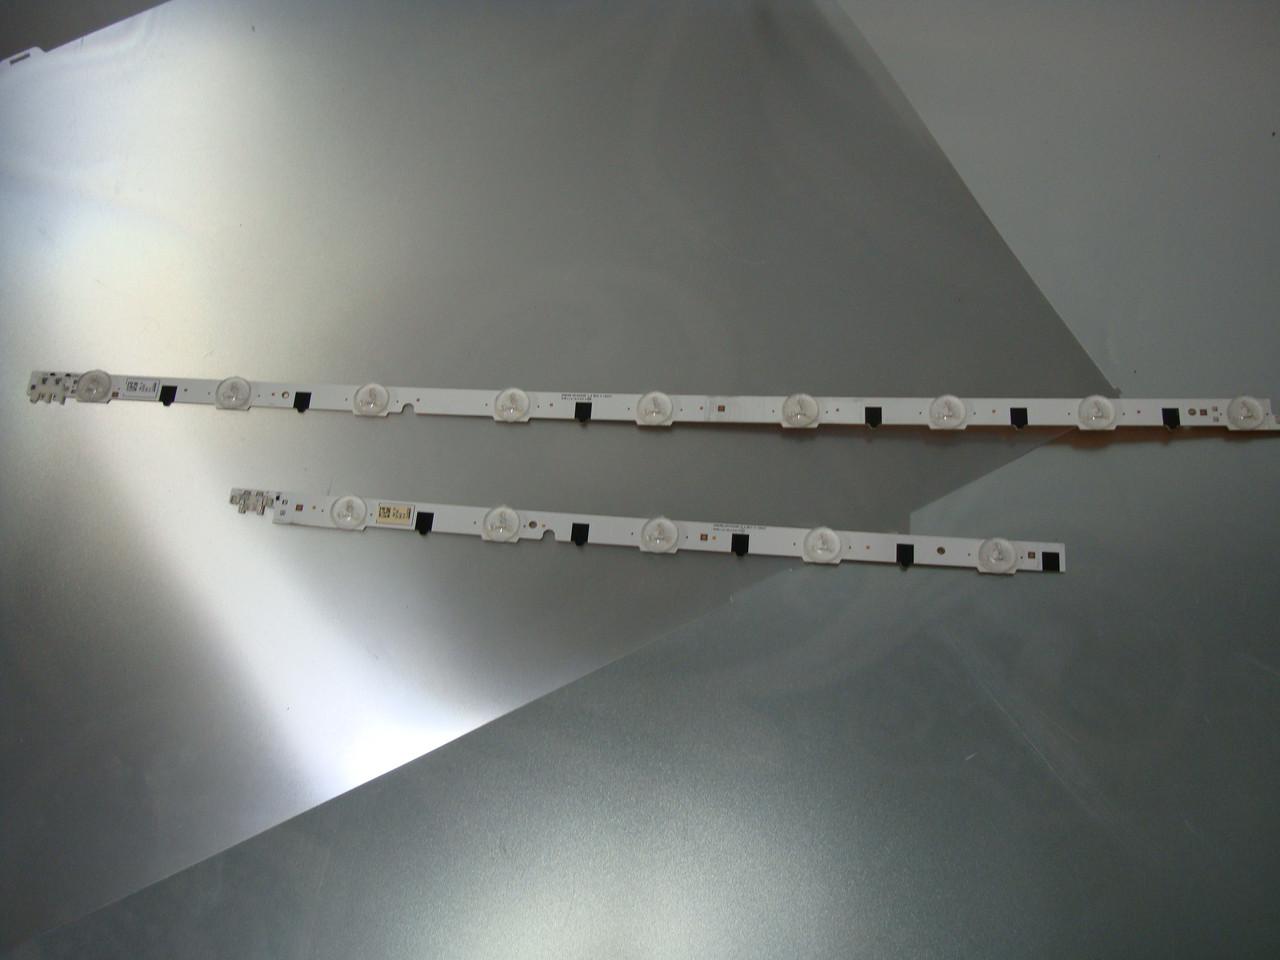 Світлодіодне підсвічування Samsung 2013SVS42F L9 REV1.9 від телевізора Samsung UE42F5020AK (HF420BGA-B1)